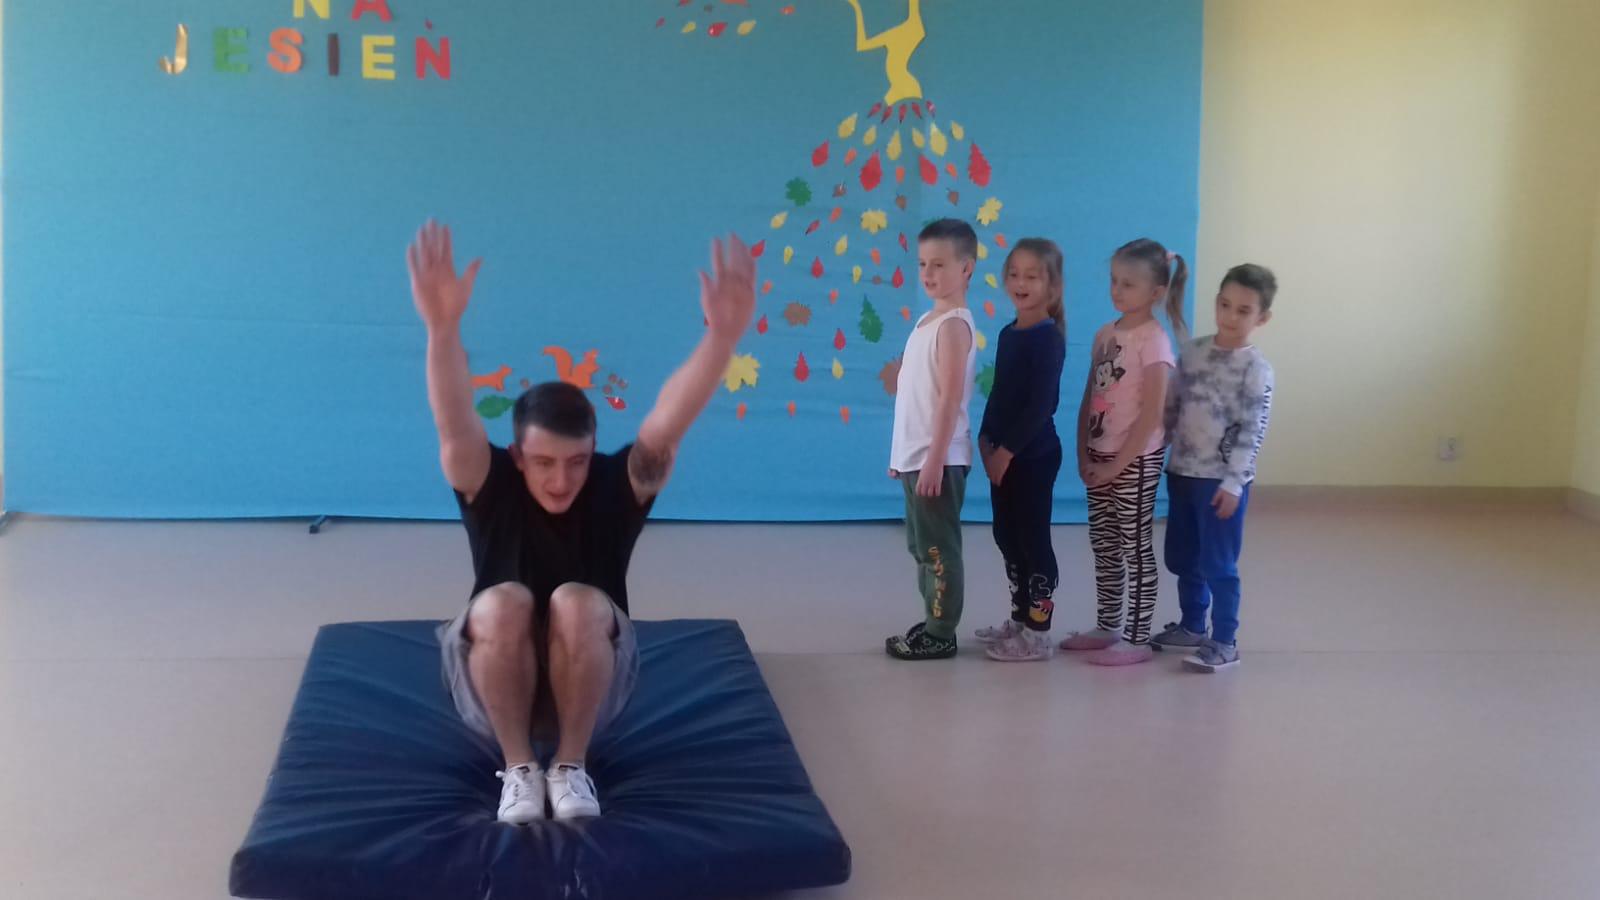 Pokaz gimnastyki artystycznej.